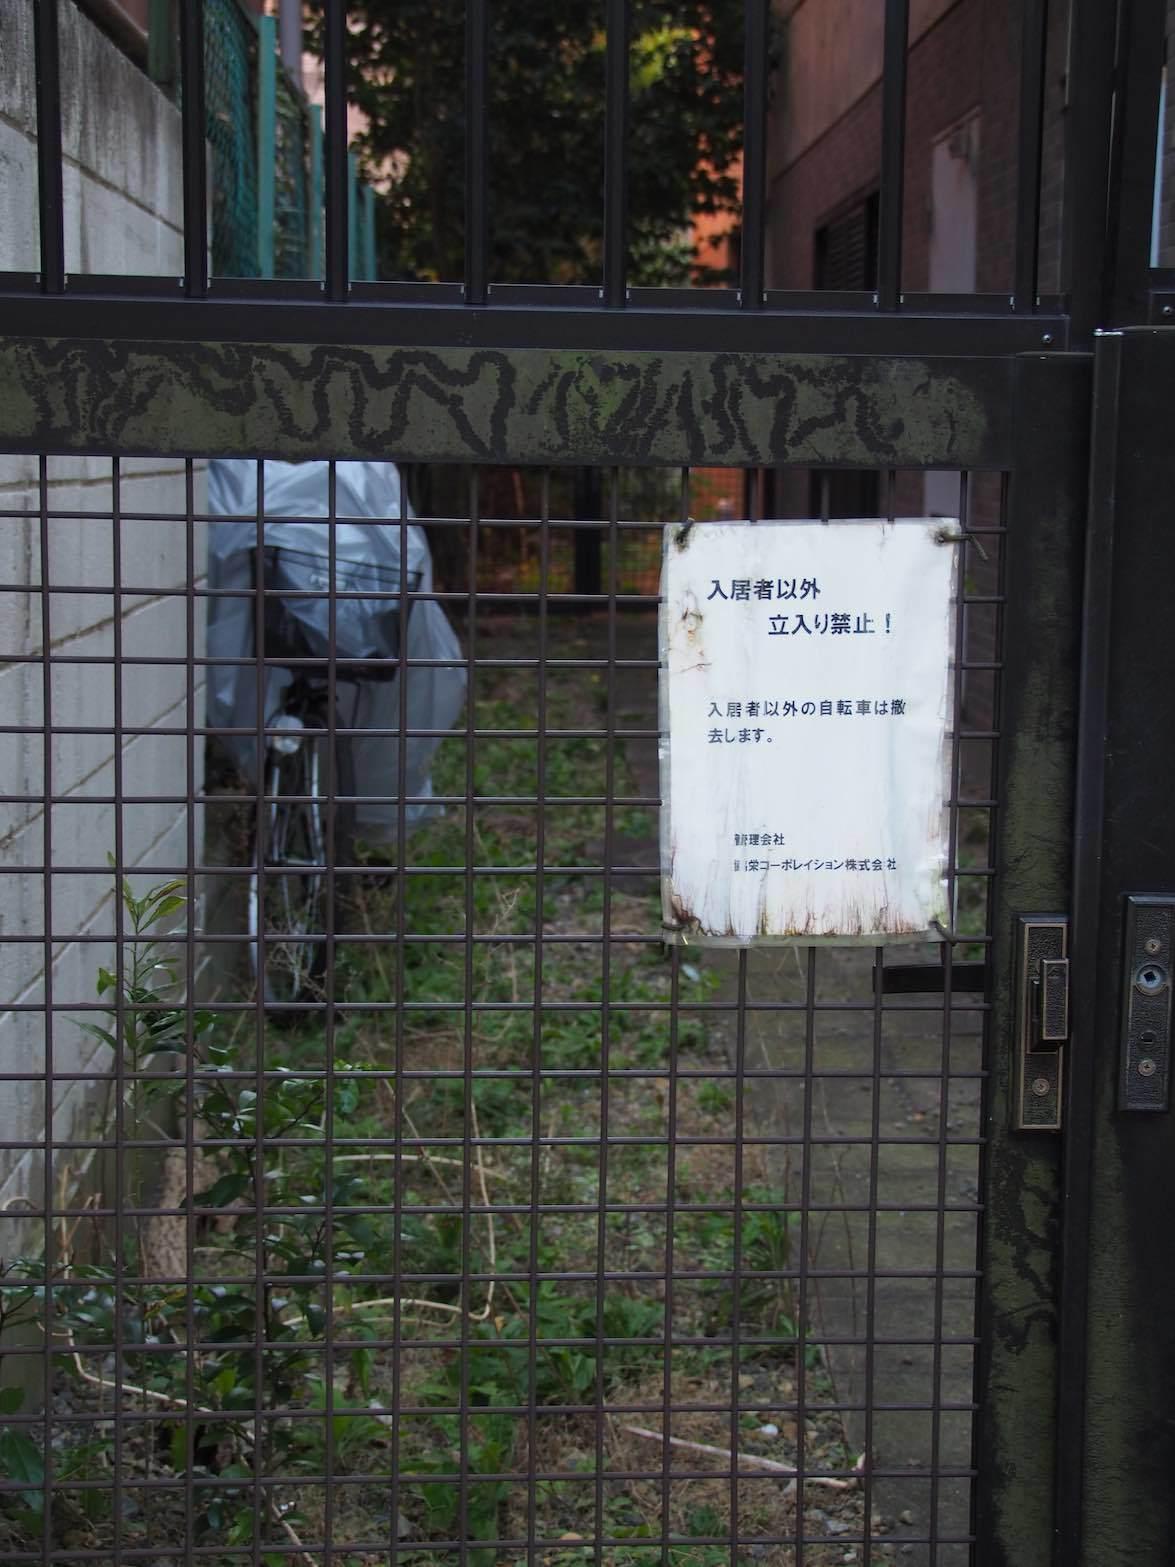 東急多摩川駅周辺9_b0360240_21044756.jpg